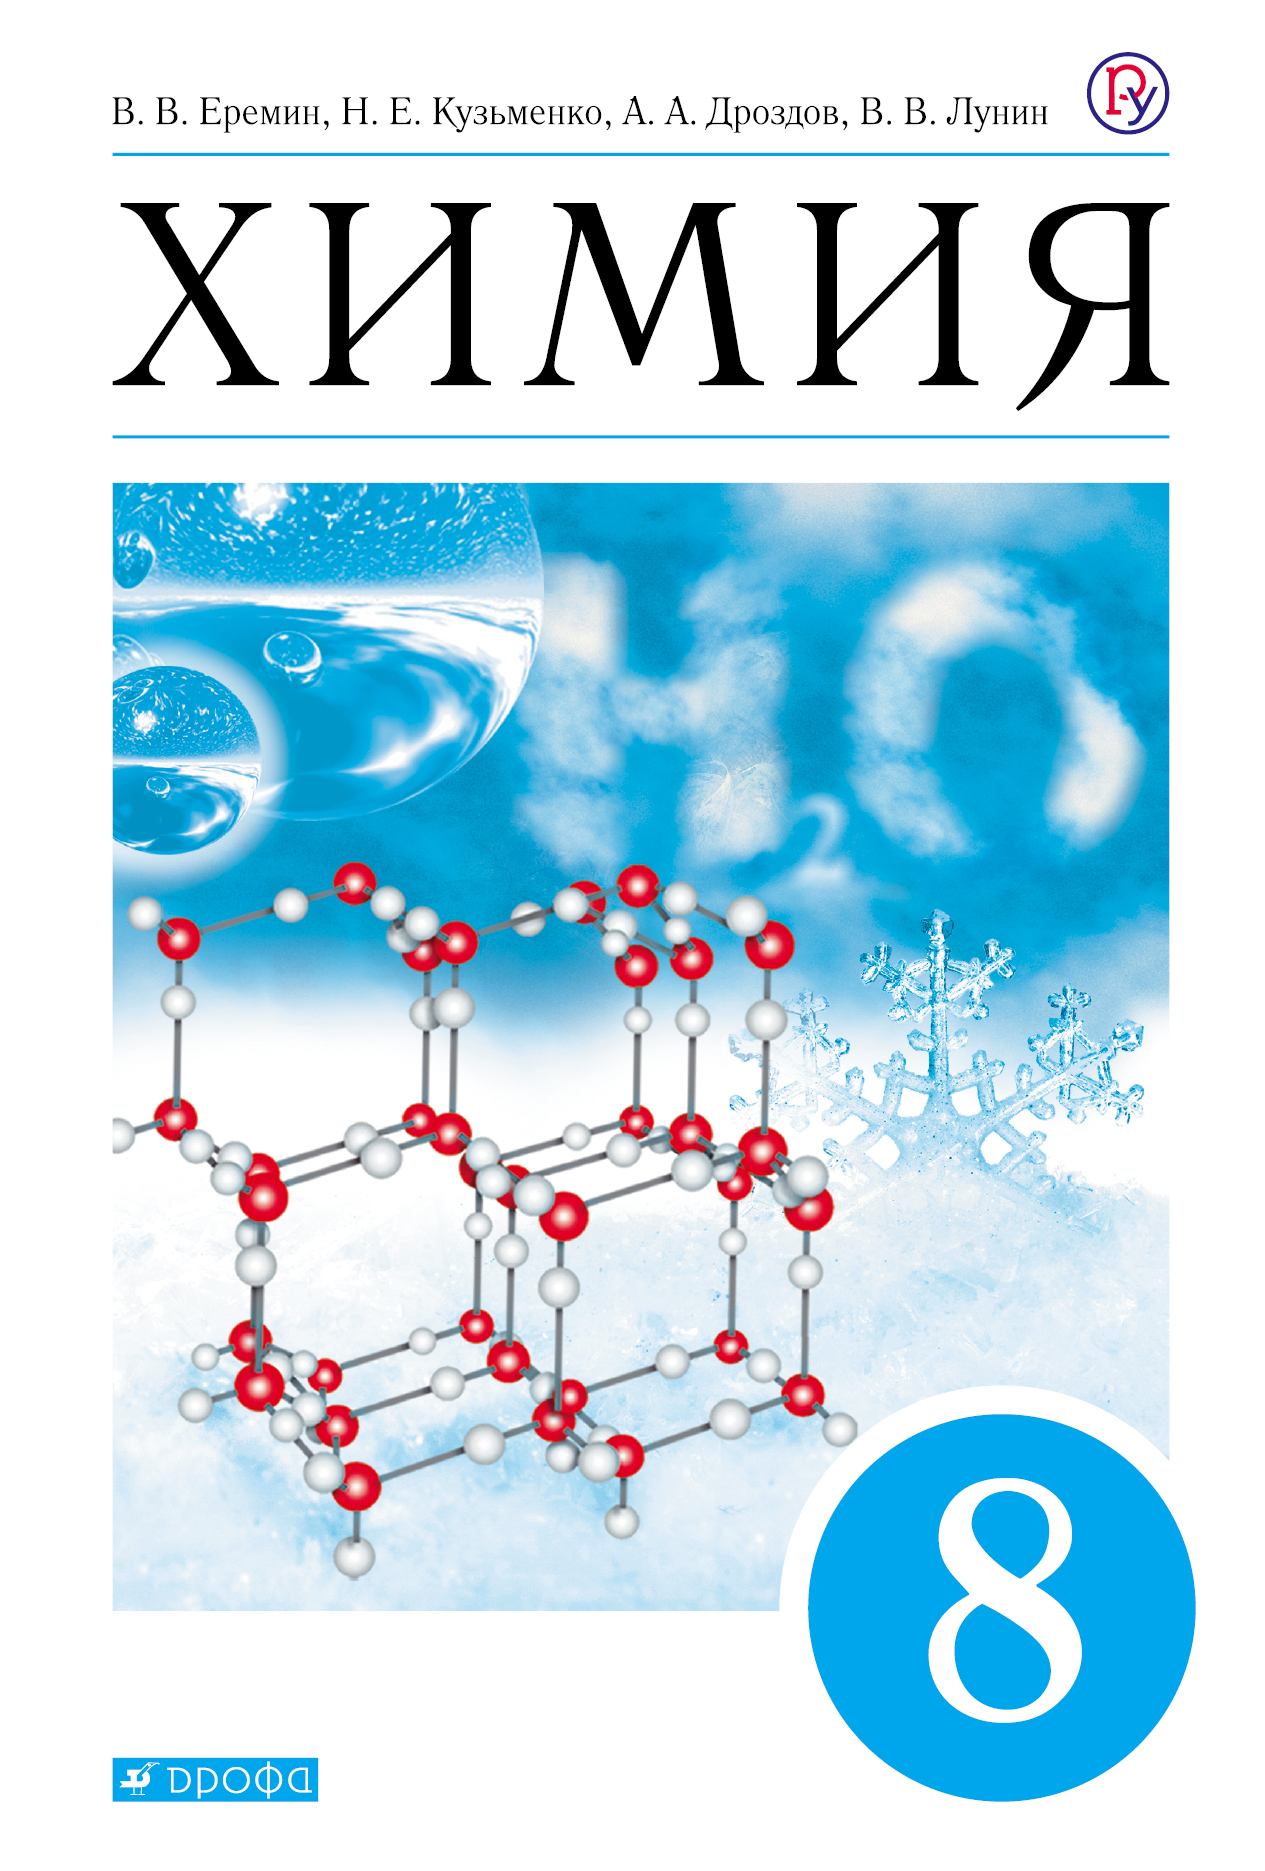 Еремин В.В., Дроздов А.А., Кузьменко Н.Е., Лунин В.В. Химия. 8 класс. Учебник